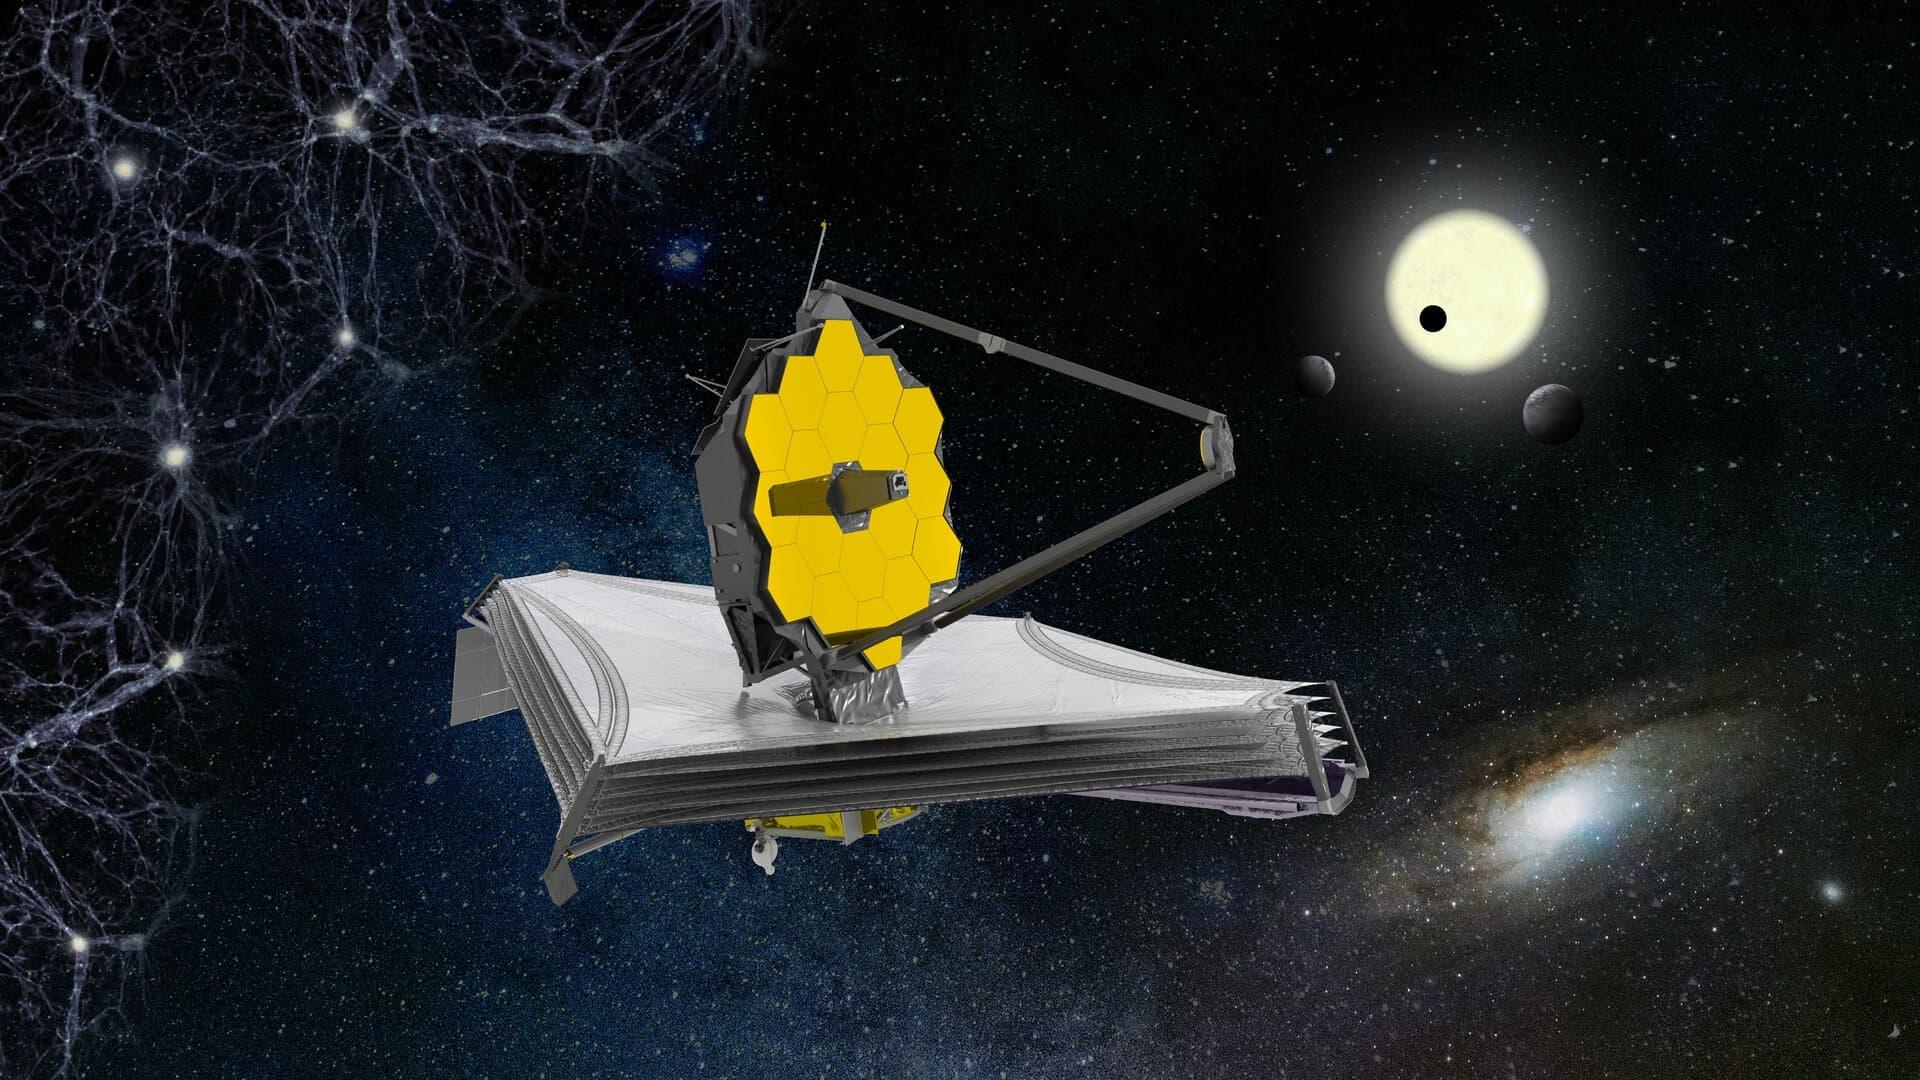 Llega el lanzamiento del telescopio más grande: James Webb Space